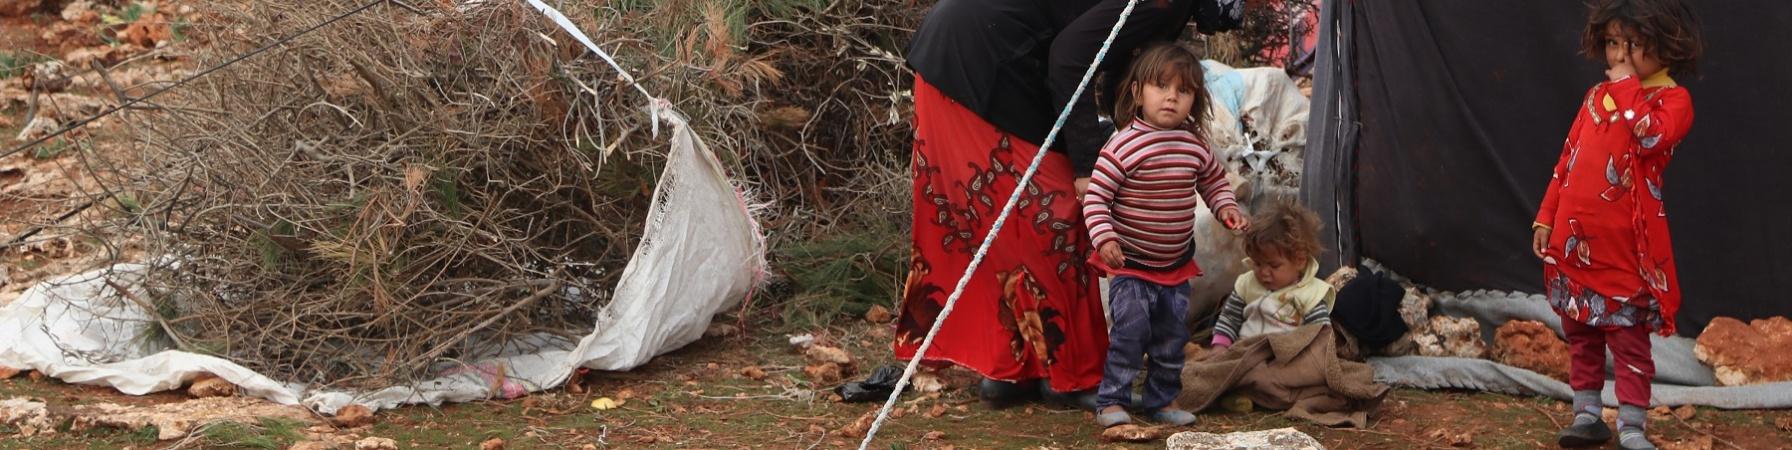 Tre bambini e una donna vicino alla tenda di un campo profughi.